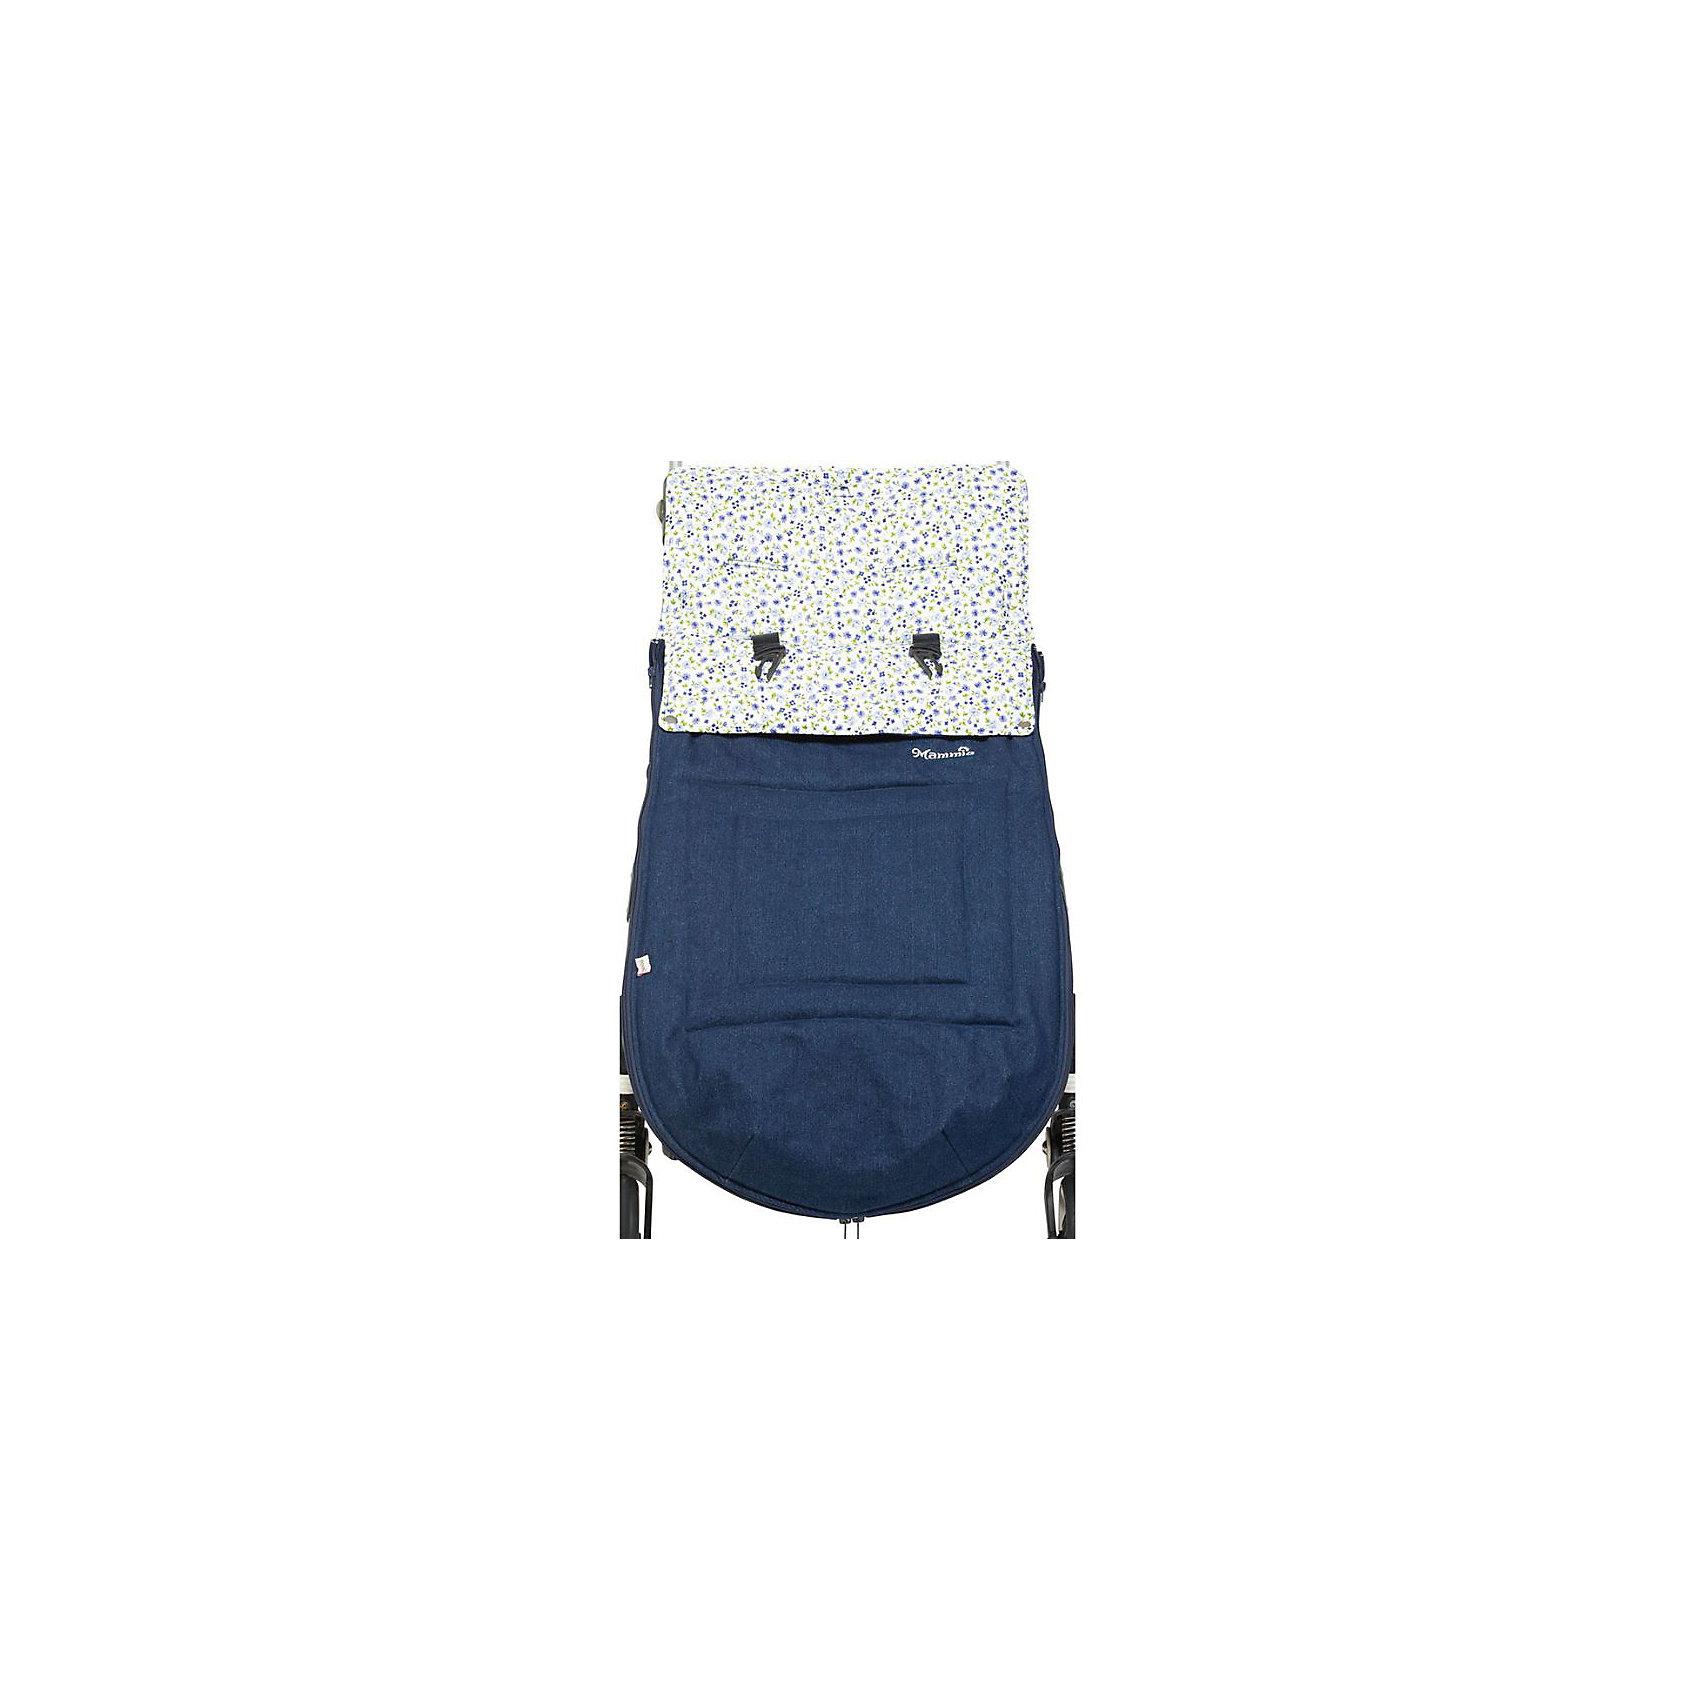 Конверт-трансформер хлопковый, Mammie, синийСтильный удобный Конверт в коляску позволит гулять с ребенком, не беспокоясь при этом о его комфорте. Изделие легко превращается в летний хлопковый матрасик, длина которого фиксируется при помощи липучки, также используется как демисезонное одеяло в люльку или как чехол для ножек. Внутренняя поверхность сделана из мягкого хлопка, внешняя – из хлопчатобумажной джинсовой ткани. Верхняя часть пристегивается к нижней молнией. Можно открыть конверт в районе ножек, есть защита от грязных ног внутри конверта.<br>Отверстия для 5-точечных ремней безопасности позволяют использовать конверт с большинством моделей колясок. Для максимального совпадения прорезей с ремнями безопасности на спинке конверта есть подготовленные места для дополнительных прорезей, которые можно разрезать тонкими острыми ножницами с внутренней стороны конверта. Верхняя часть конверта оборачивается вокруг бампера и фиксируется кнопками, превращая конверт в накидку для ножек.<br>Наполнитель - утеплитель Alpolux. Это экологически чистый утеплитель вип-класса, разработанный лучшими австрийскими экспертами. Уникальное сочетание натуральной шерсти мериноса и микроволокна помогает поддержать оптимальную температуру для ребенка. Конверт можно стирать в стиральной машине. Изделие произведено из качественных и безопасных для малышей материалов, оно соответствуют всем современным требованиям безопасности.<br> <br>Дополнительная информация:<br><br>цвет: синий;<br>материал: верх - джинсовая ткань - 100% хлопок, подкладка - 100% хлопок, утеплитель - Alpolux 200г/м2;<br>размер: 100х48 см;<br>температурный диапазон: от -5°С до +18°С;<br>возрастная группа: от 0 до 3,5 лет.<br><br>Конверт-трансформер хлопковый, синий, от компании Mammie можно купить в нашем магазине.<br><br>Ширина мм: 1000<br>Глубина мм: 480<br>Высота мм: 200<br>Вес г: 500<br>Возраст от месяцев: 0<br>Возраст до месяцев: 36<br>Пол: Унисекс<br>Возраст: Детский<br>SKU: 4720092